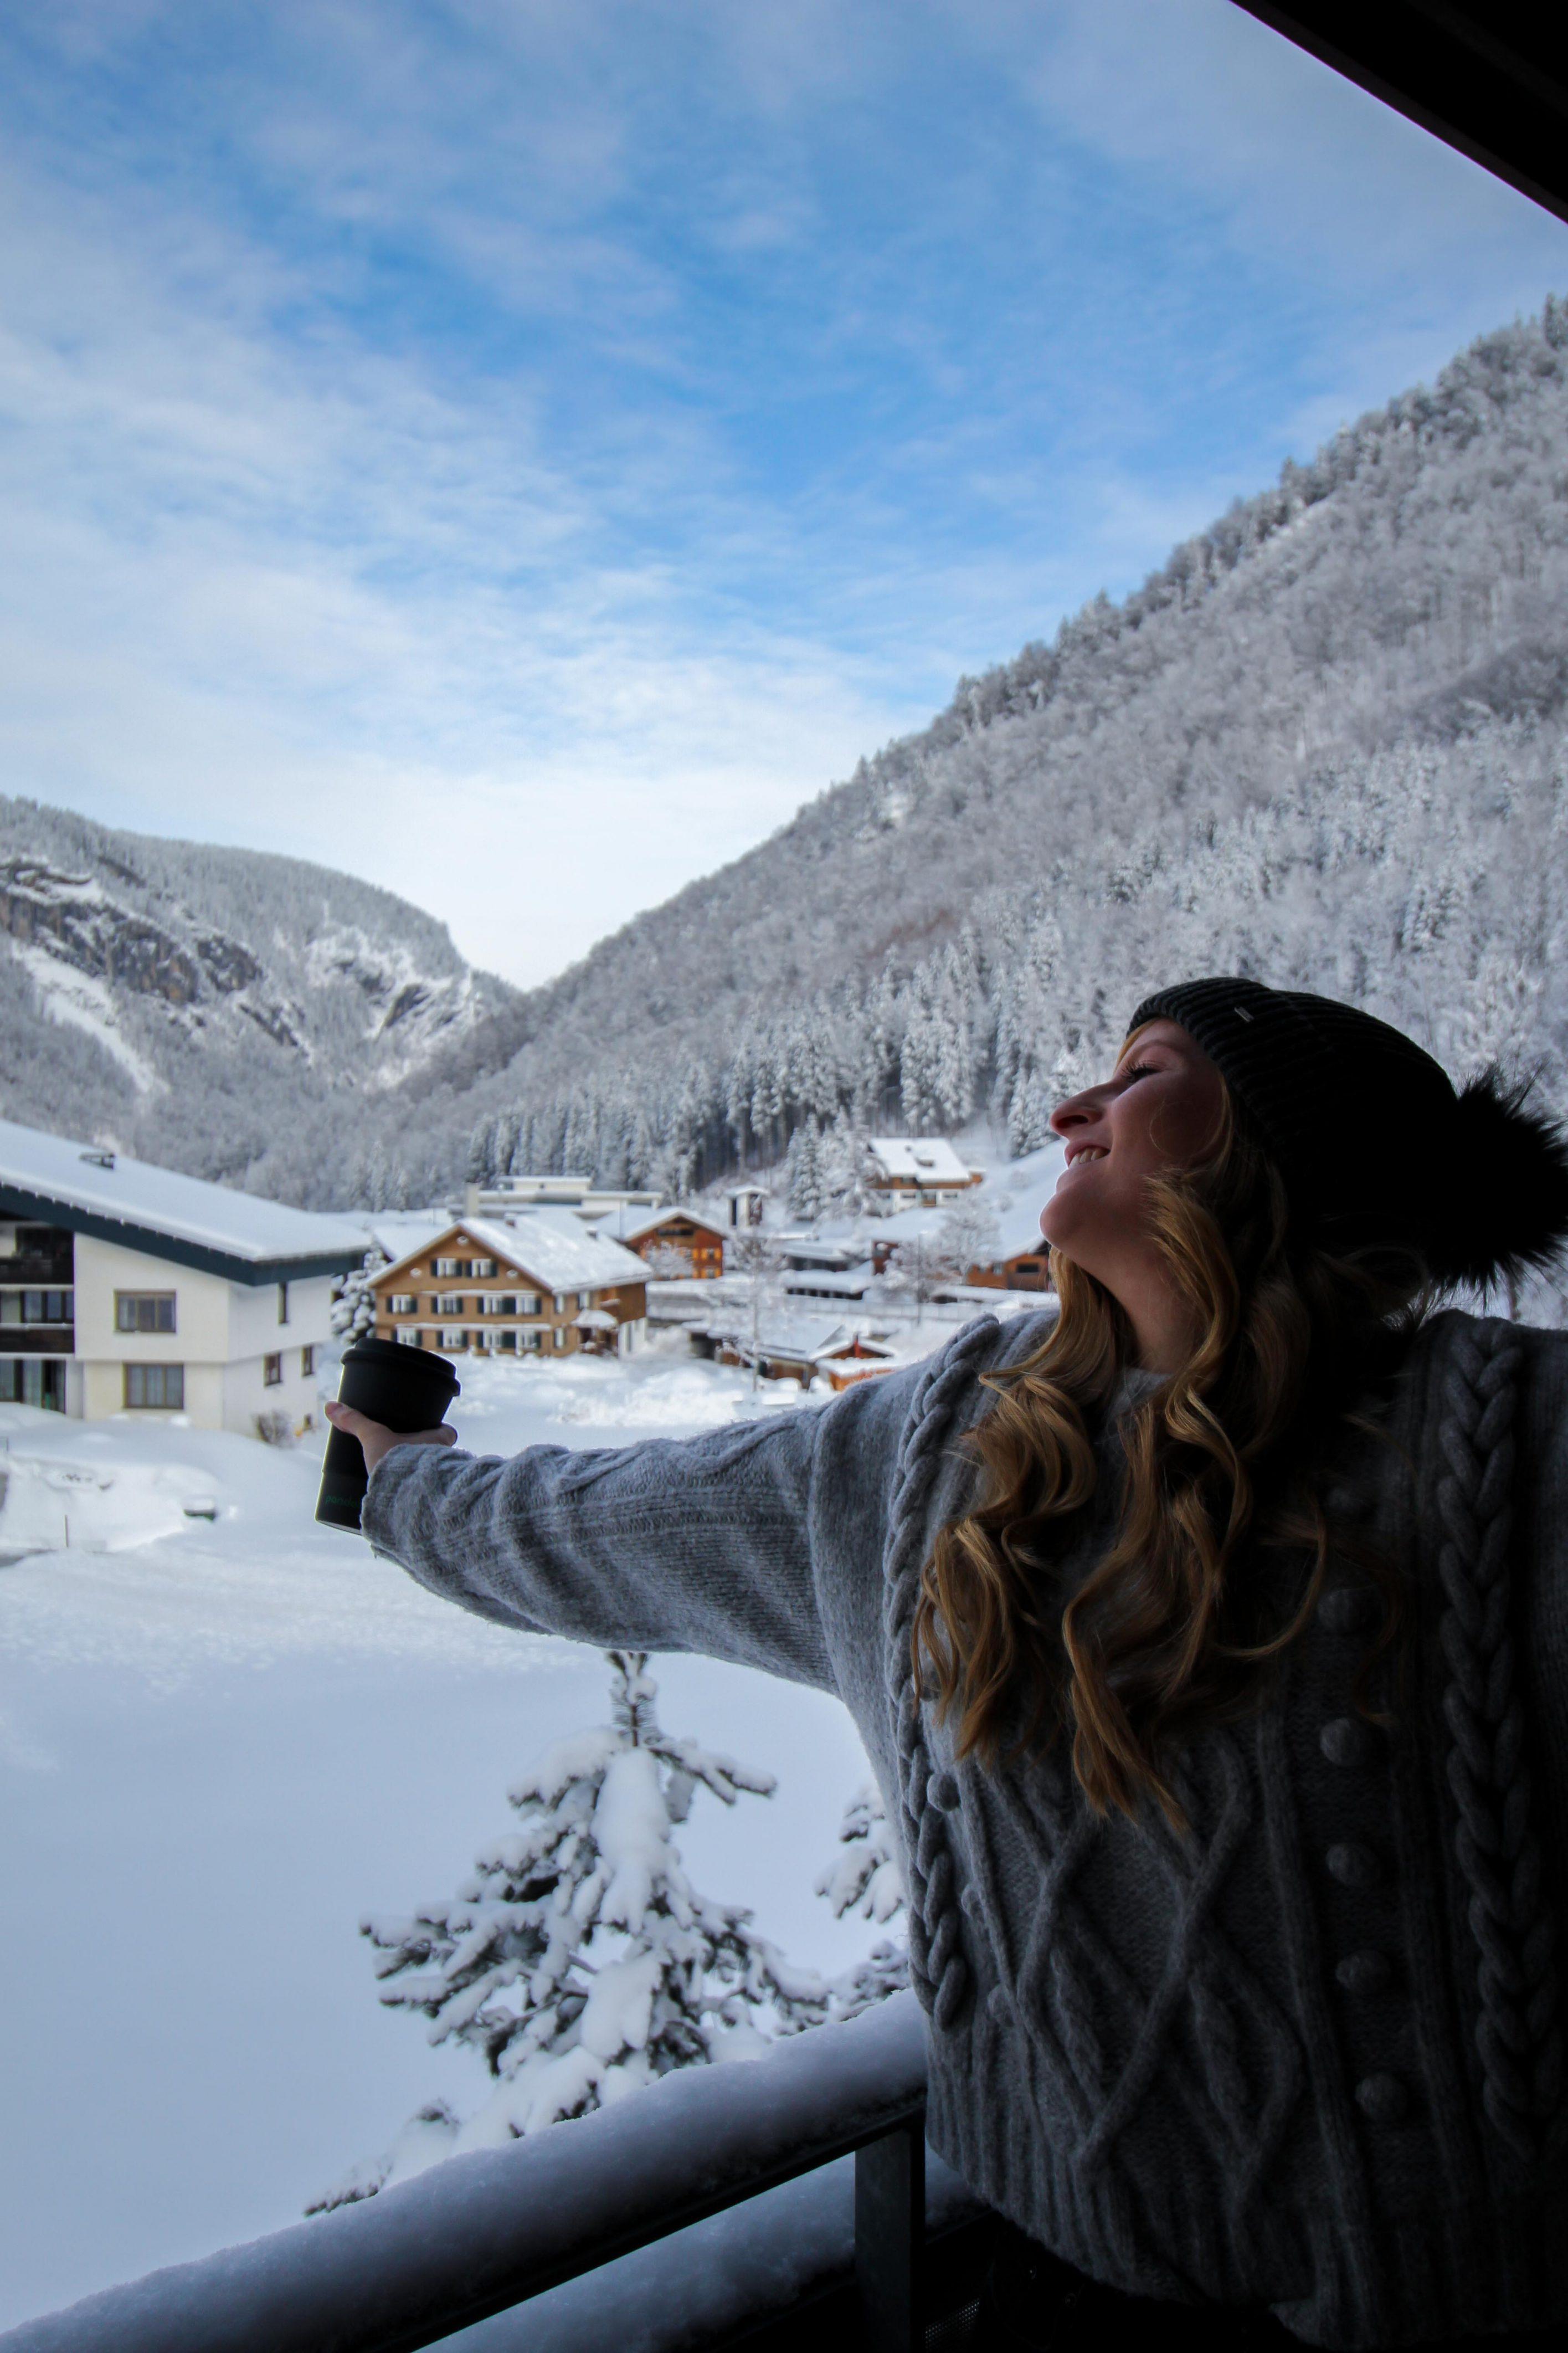 Wellnesswochenende Österreich Sonne Lifestyle Resort Mellau Wellnesshotel Bregenzerwald Superior Zimmer Balkon Schnee Reiseblog